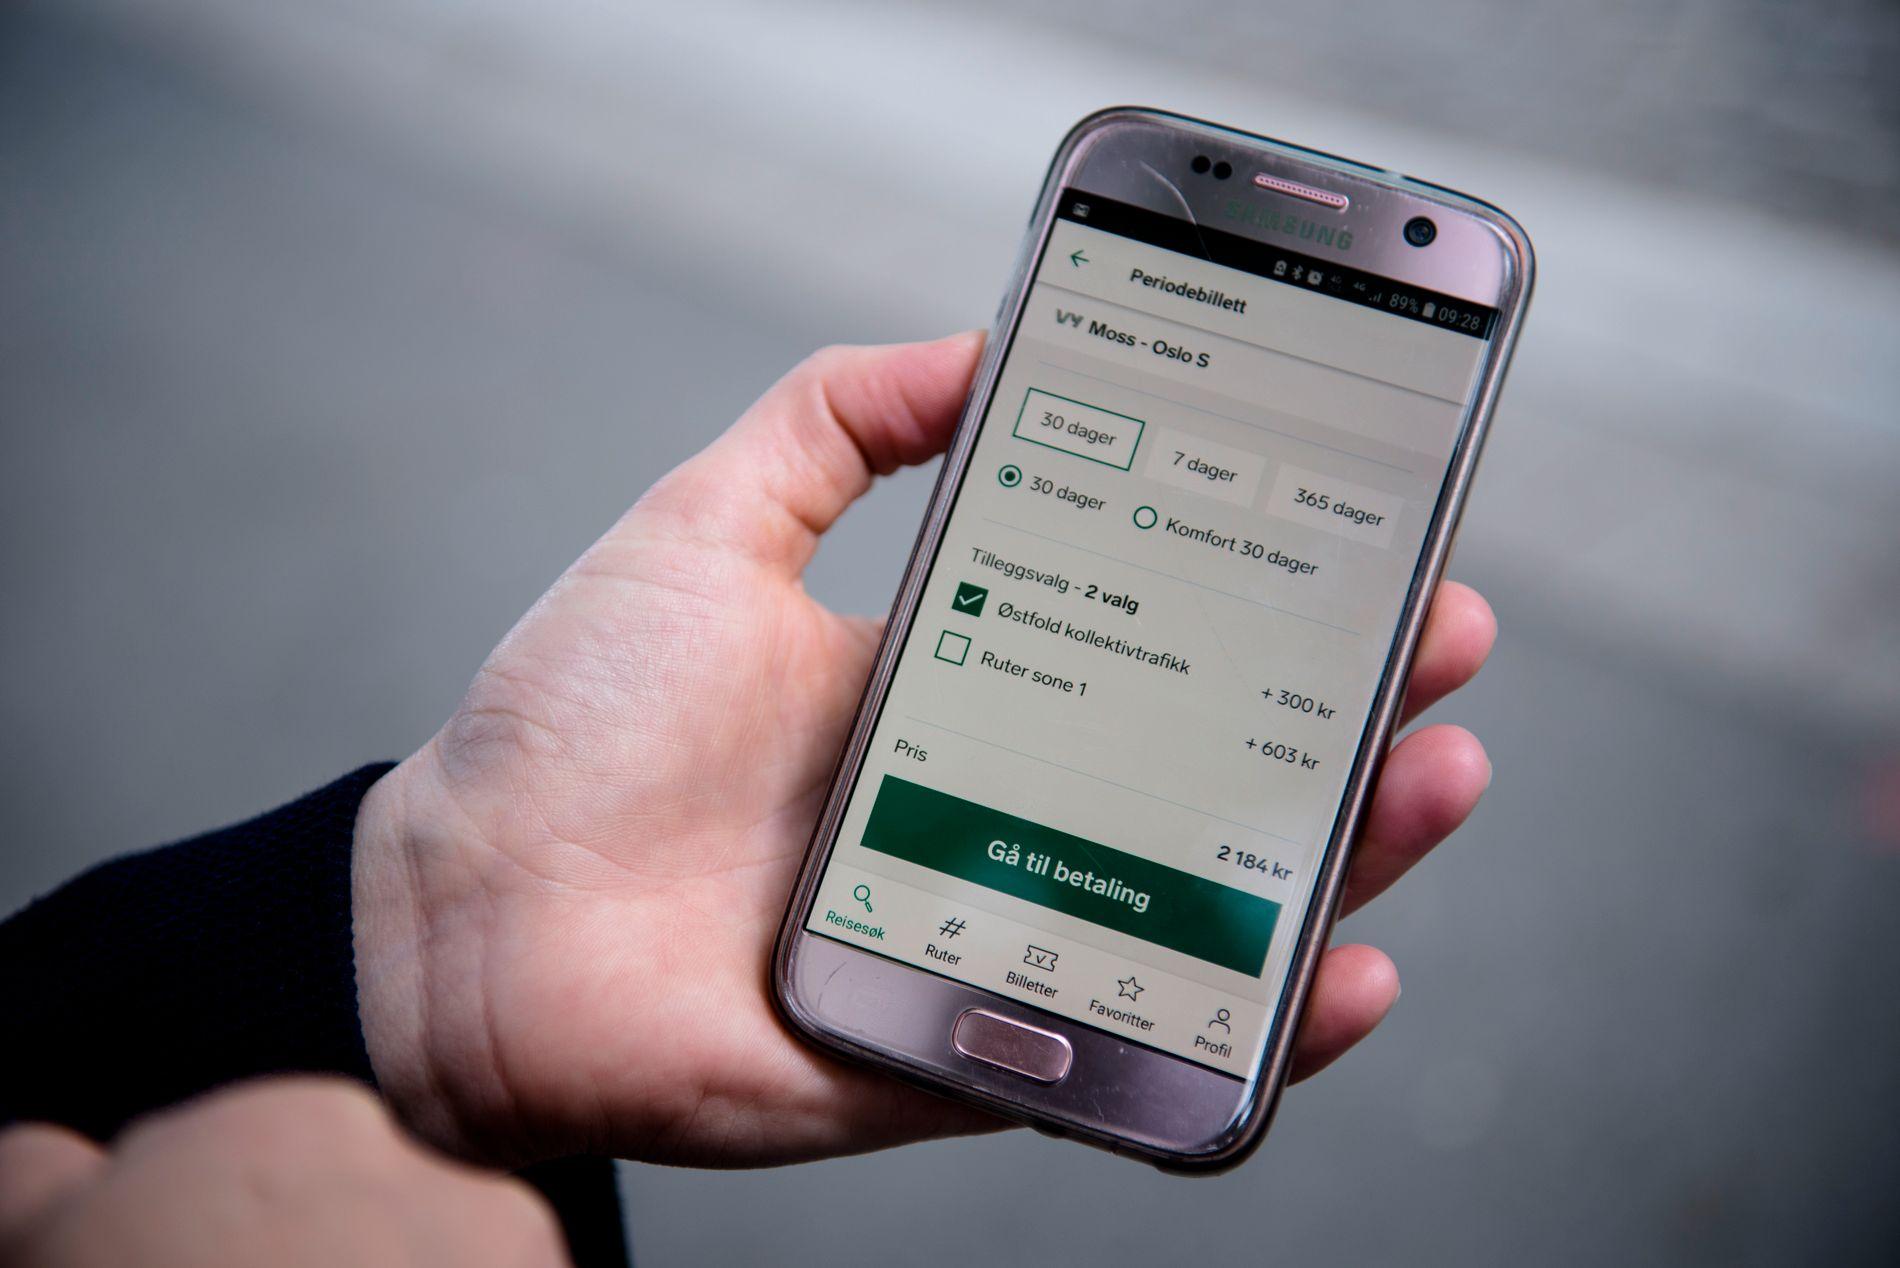 BILLETT I FARTA: I Vy-appen kan du bestille månedsbillett til toget, og huke av for månedsbillett på Østfold kollektivtrafikk i samme slengen. Da koster det bare 300 kroner, mot normalt 700 kroner.